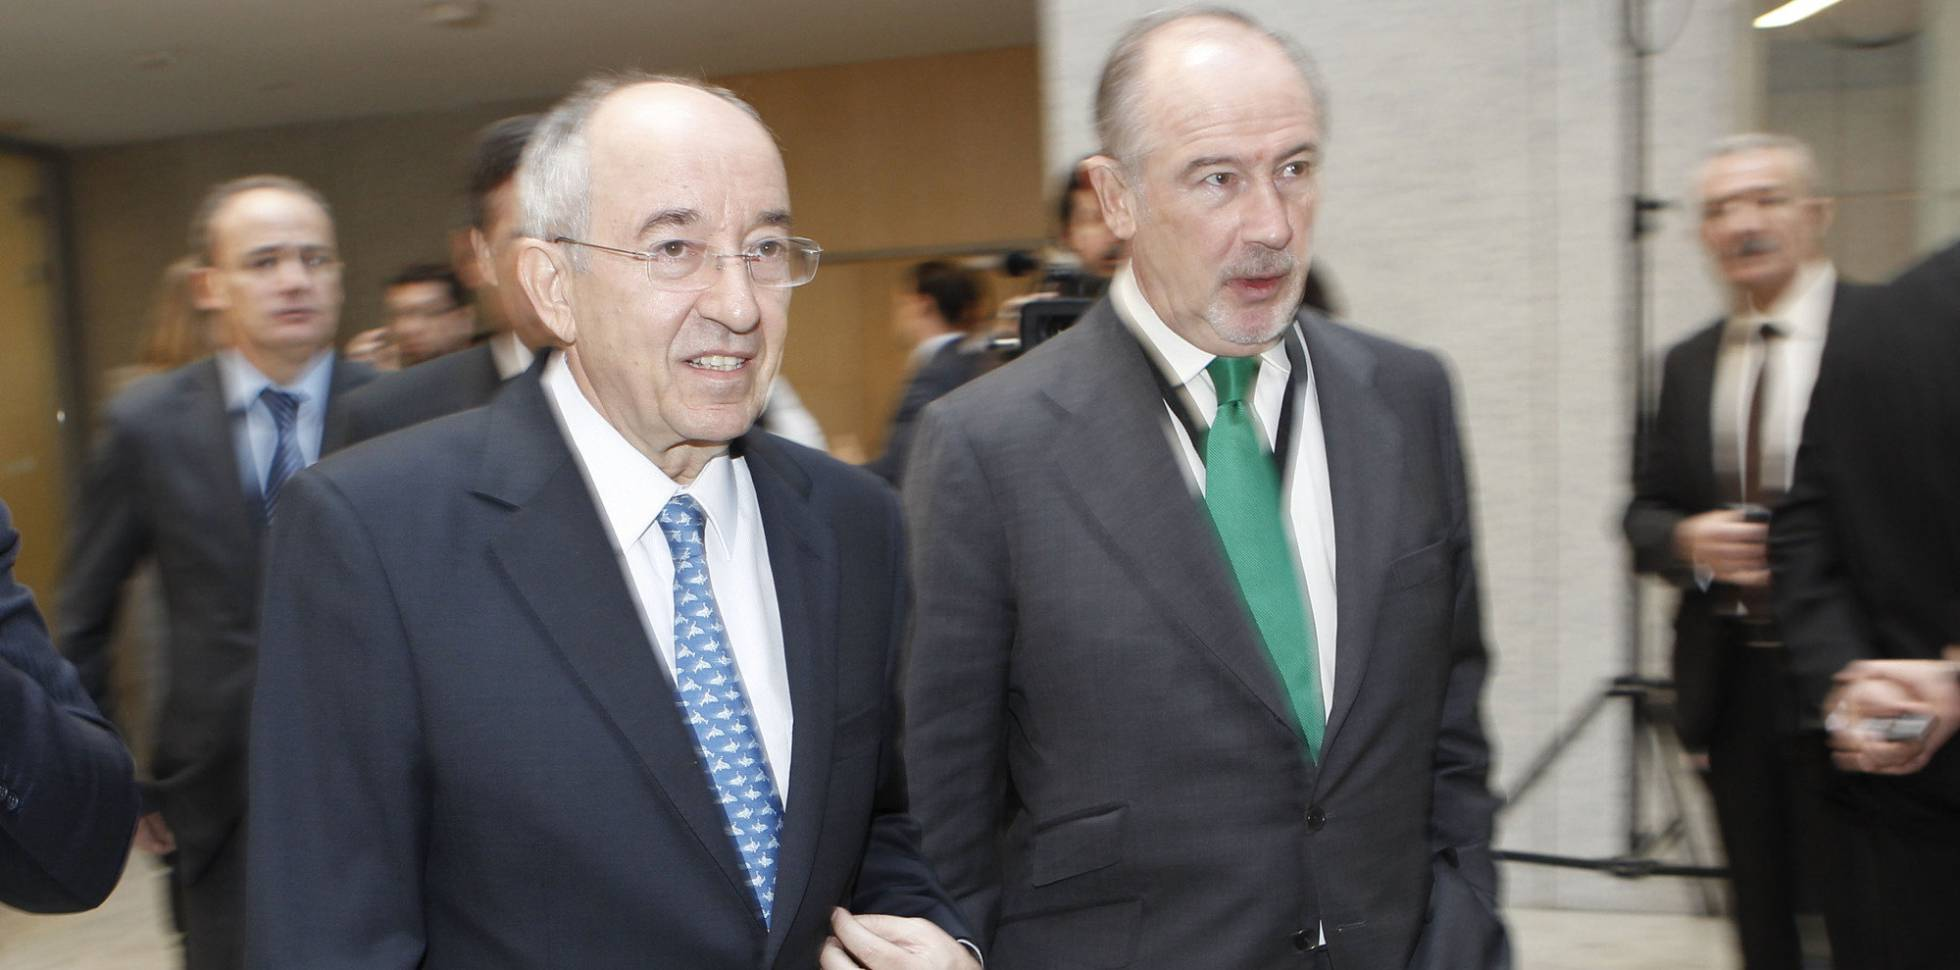 Negocio  de la banca  en España. El gobierno avala a la banca privada por otros 100.000 millones. - Página 7 1474135573_684142_1474135784_noticia_normal_recorte1